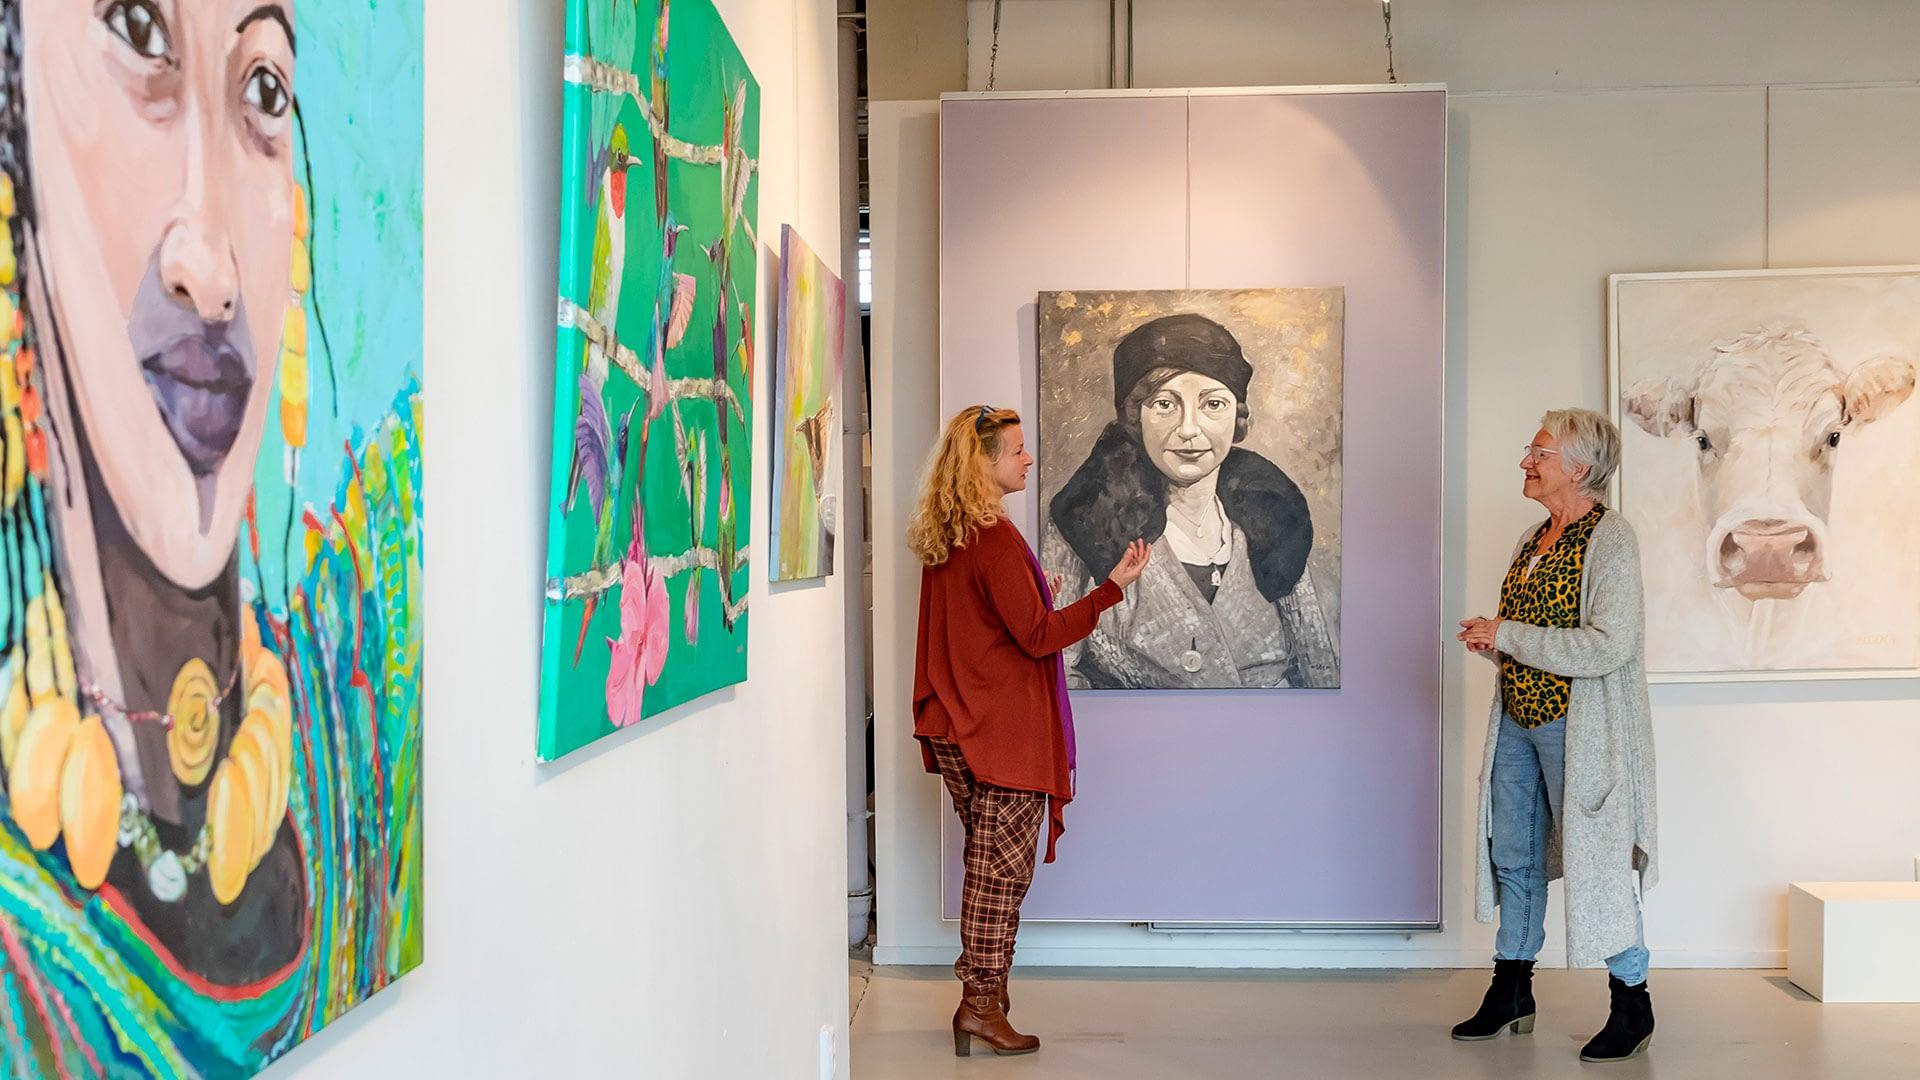 foto van Rolf van Koppen met twee dames staan te praten bij galerie Kunsthuis18 in het Westland met aan de muur grote schilderijen